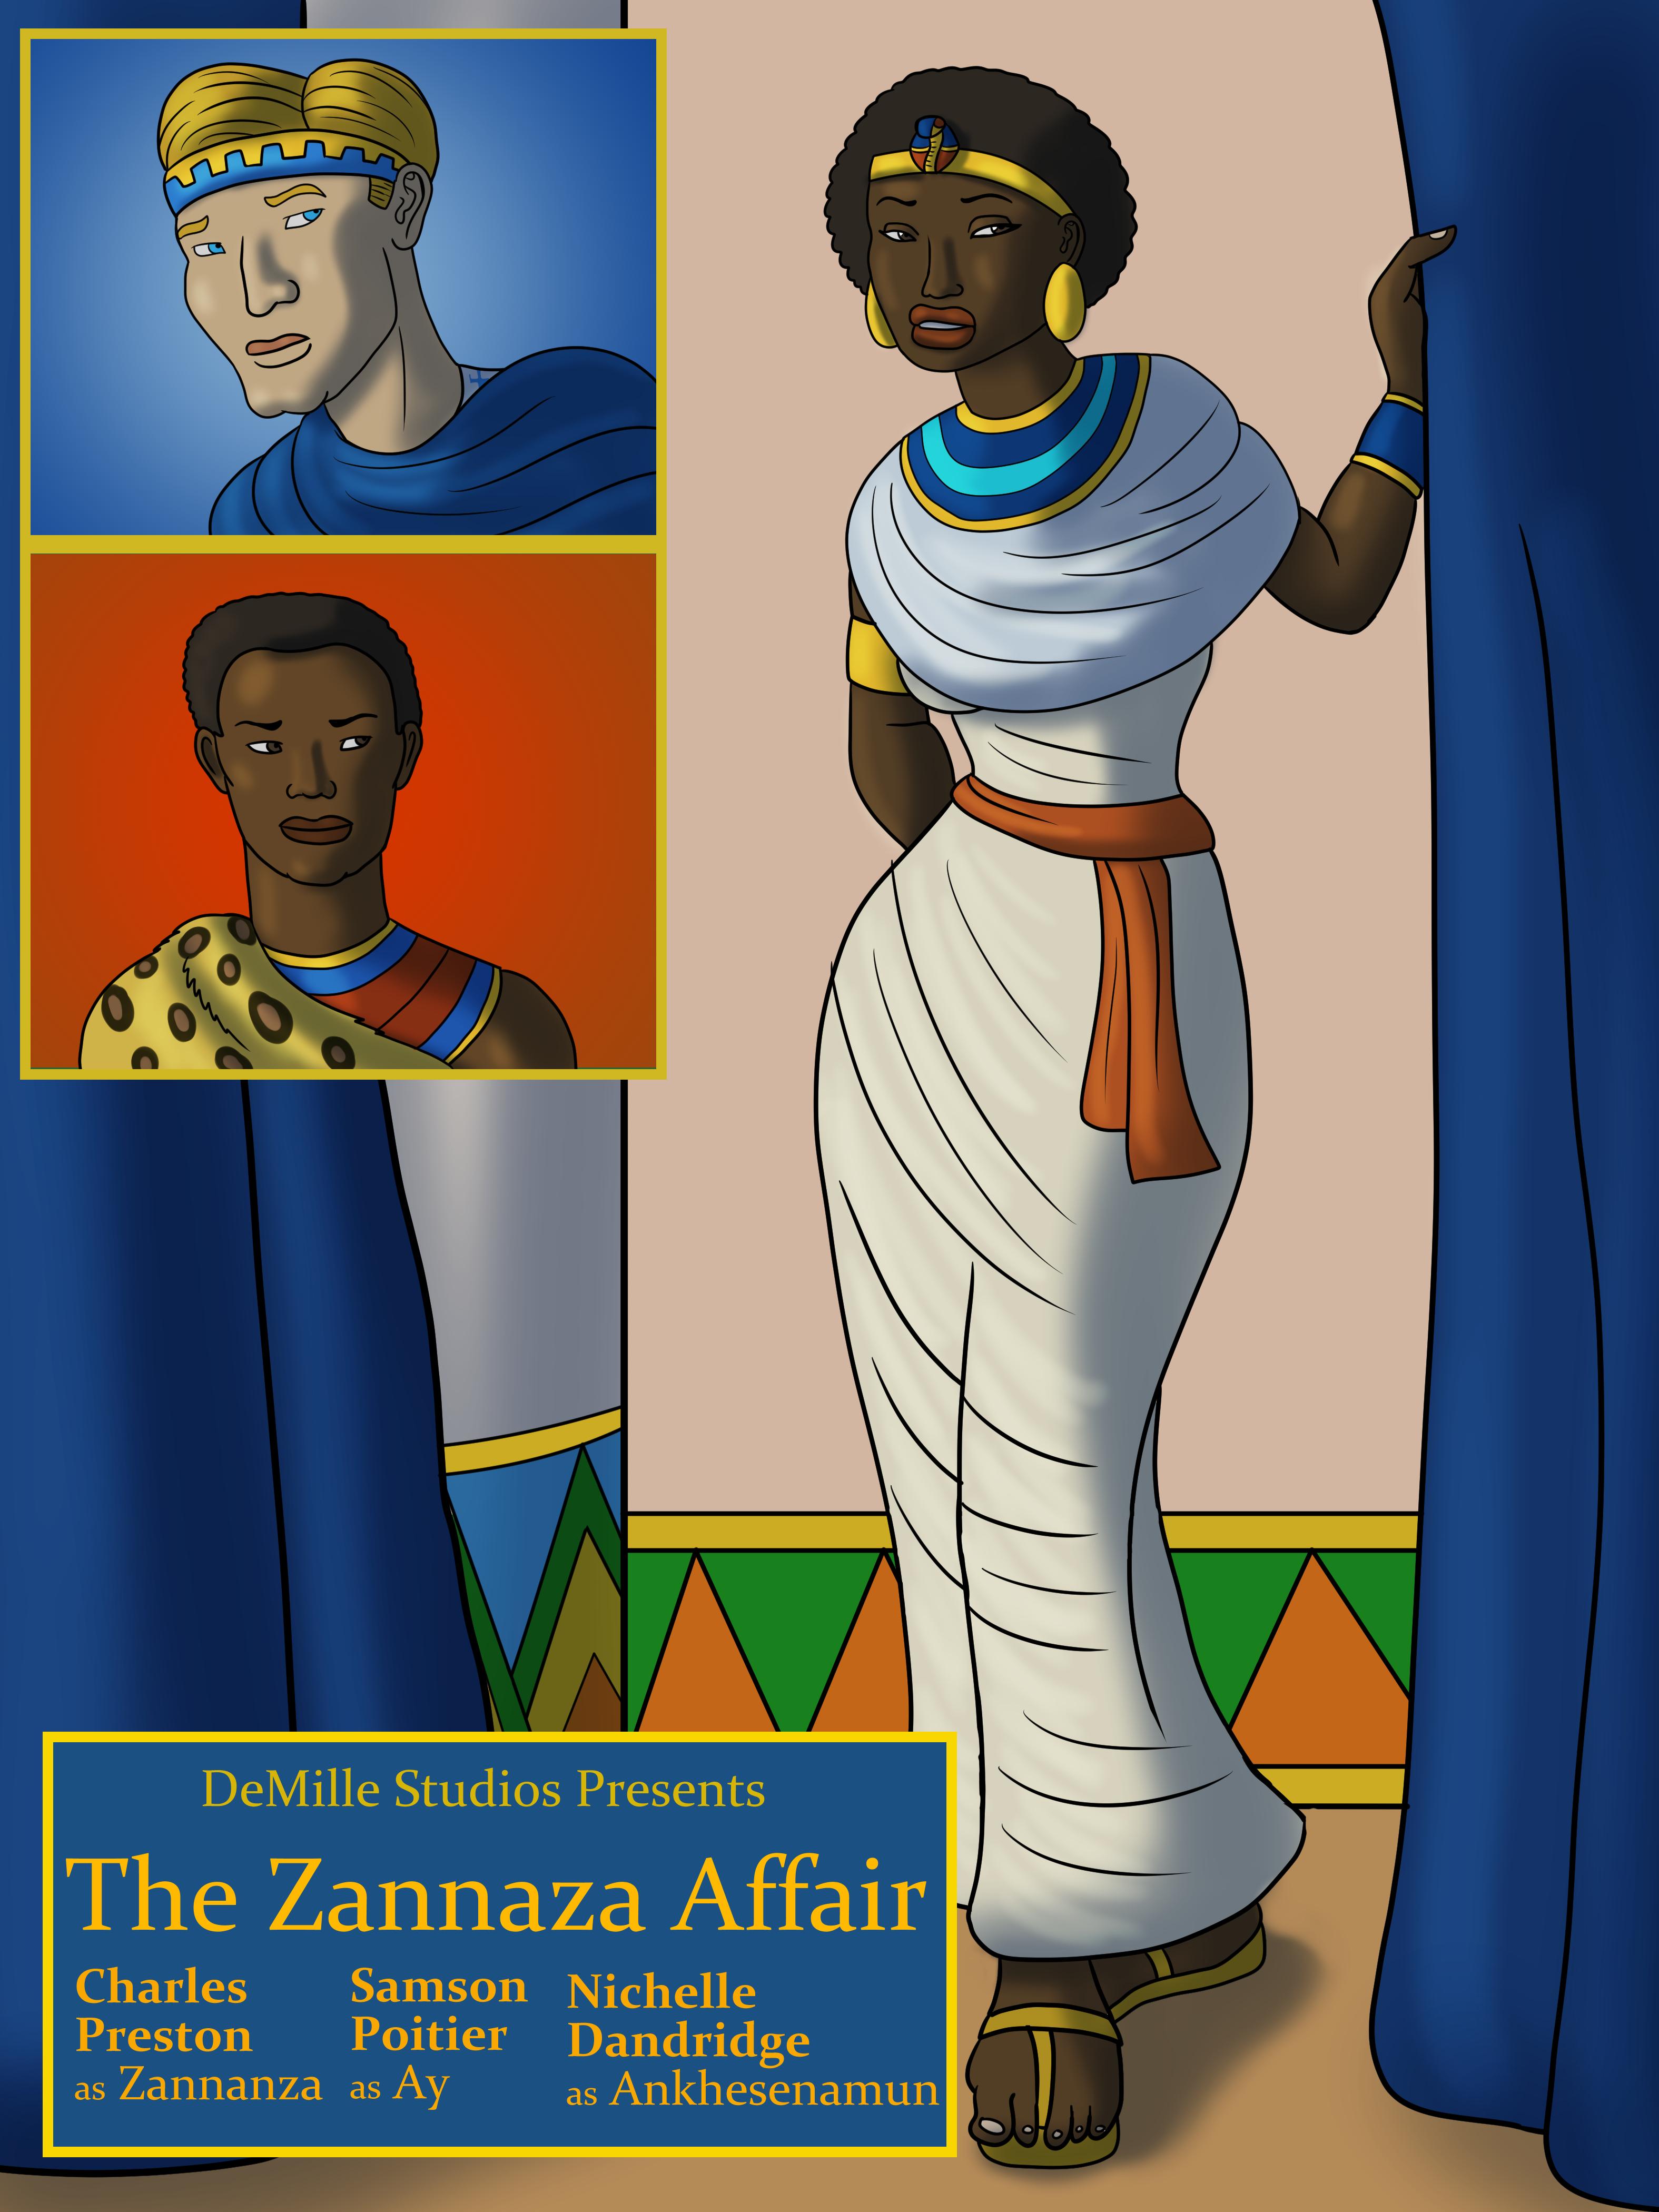 The Zannanza Affair